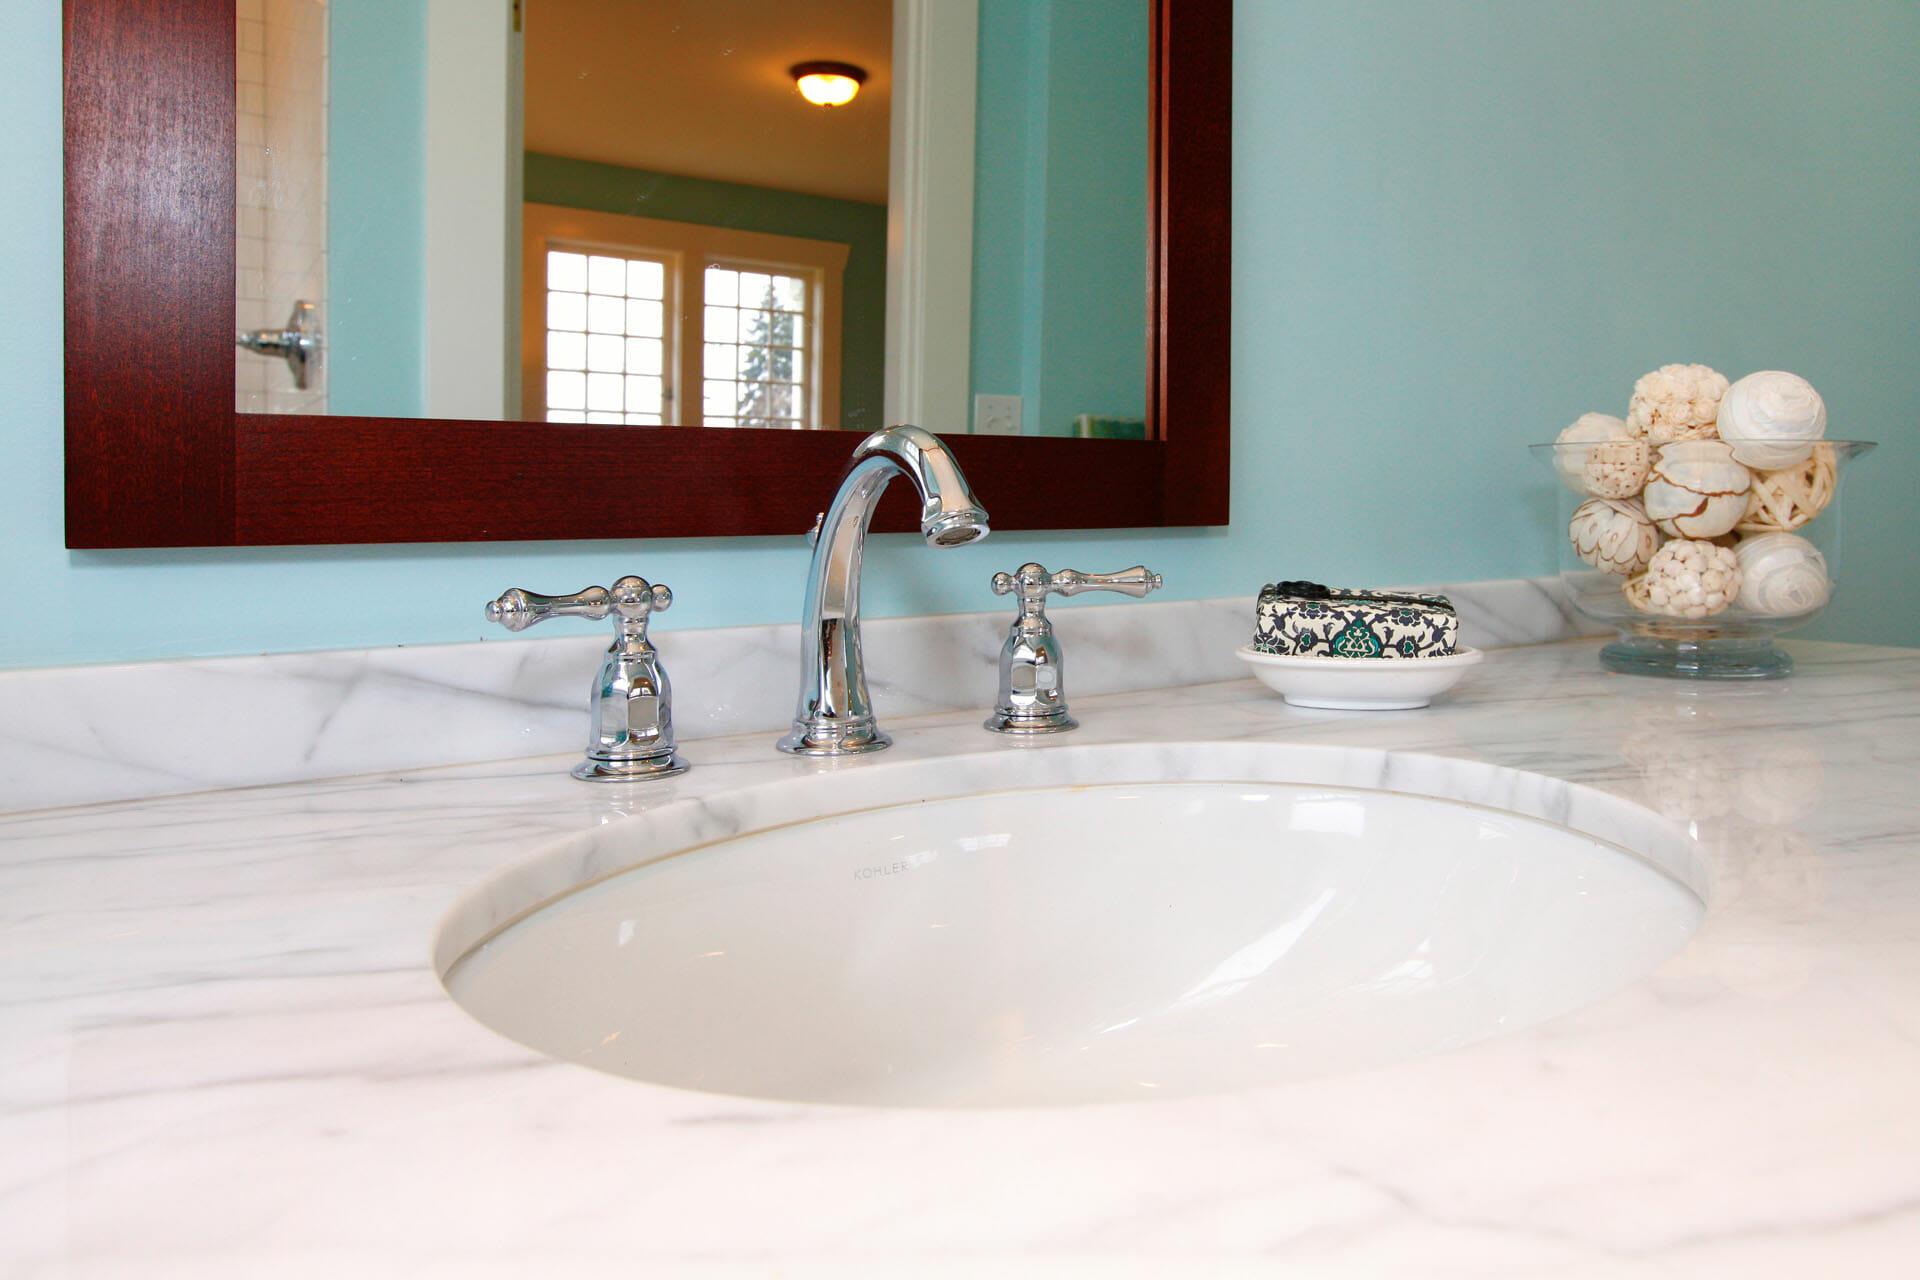 Piano in marmo bagno 1 marmisavegnago - Bagno piano marmo ...